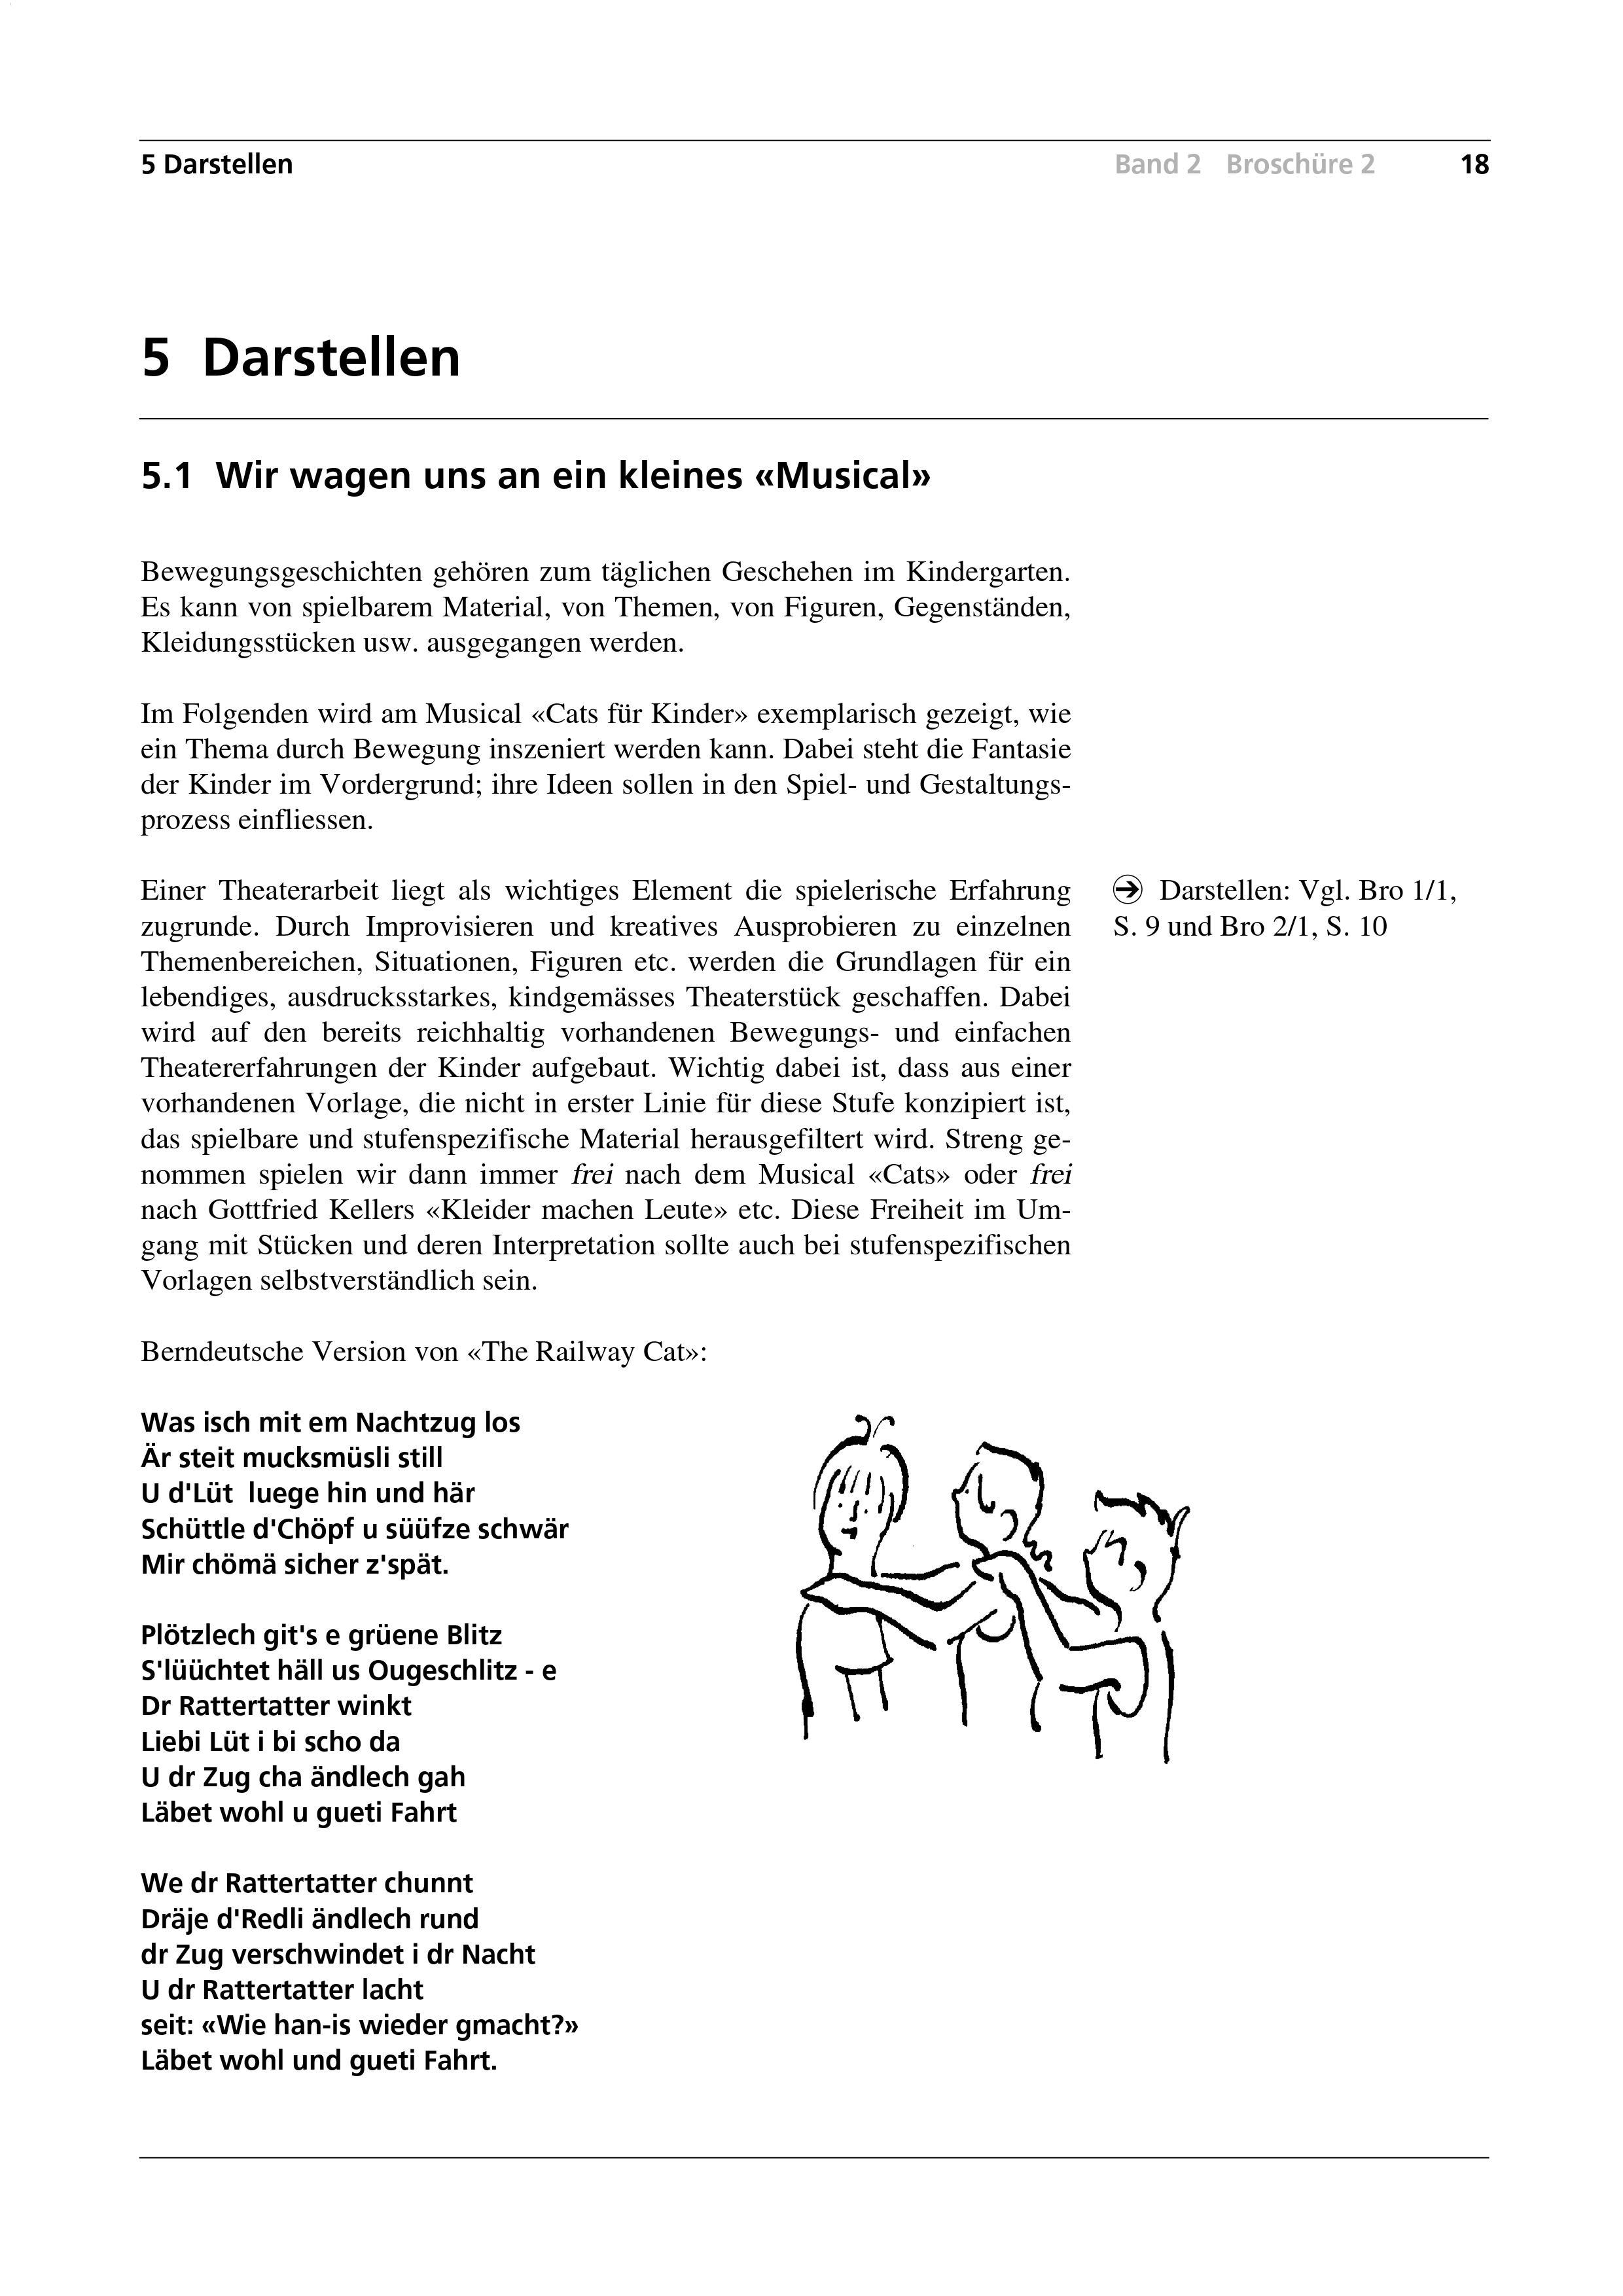 """Preview image for LOM object Wir wagen uns an ein kleines """"Musical"""" / Vom Spielen zum kindgerechten """"Musical"""""""